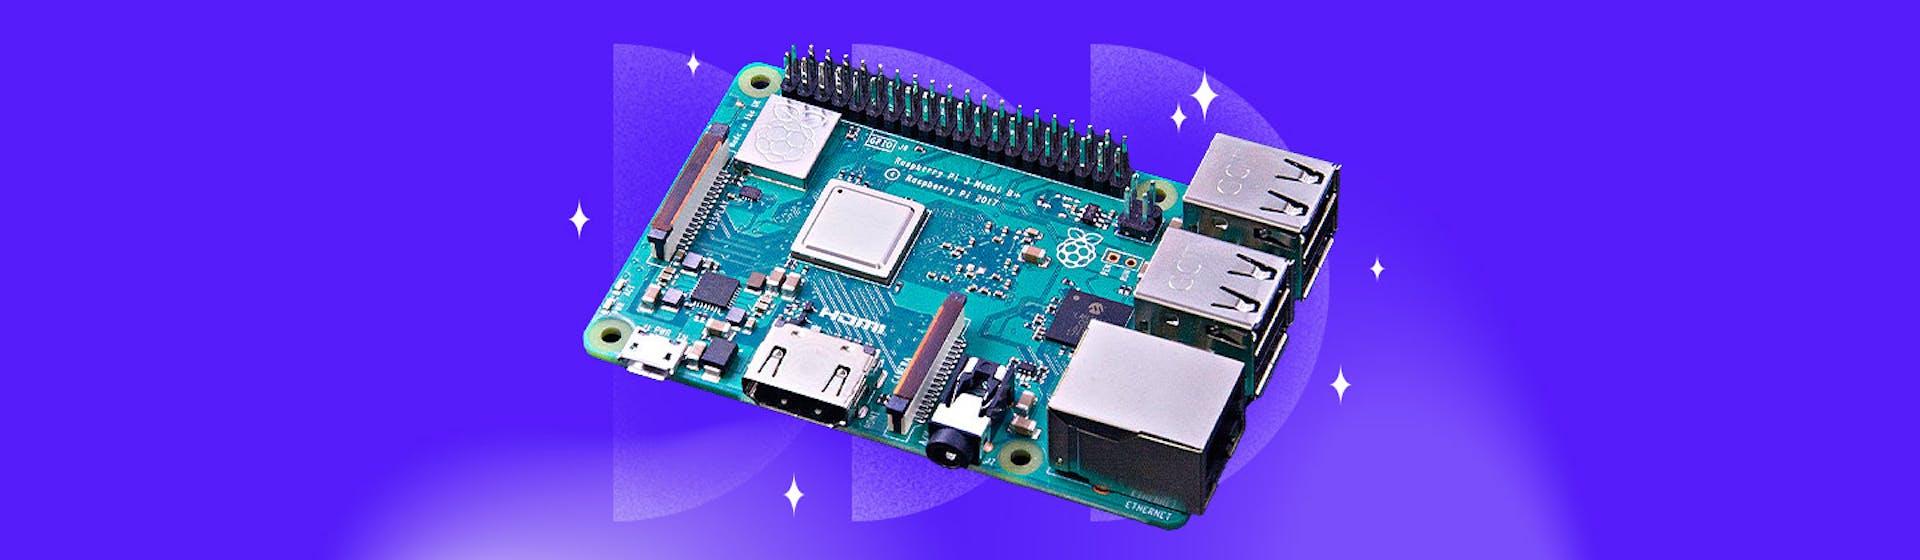 ¿Qué es una Raspberry Pi y qué videojuegos puedes crear con ella?